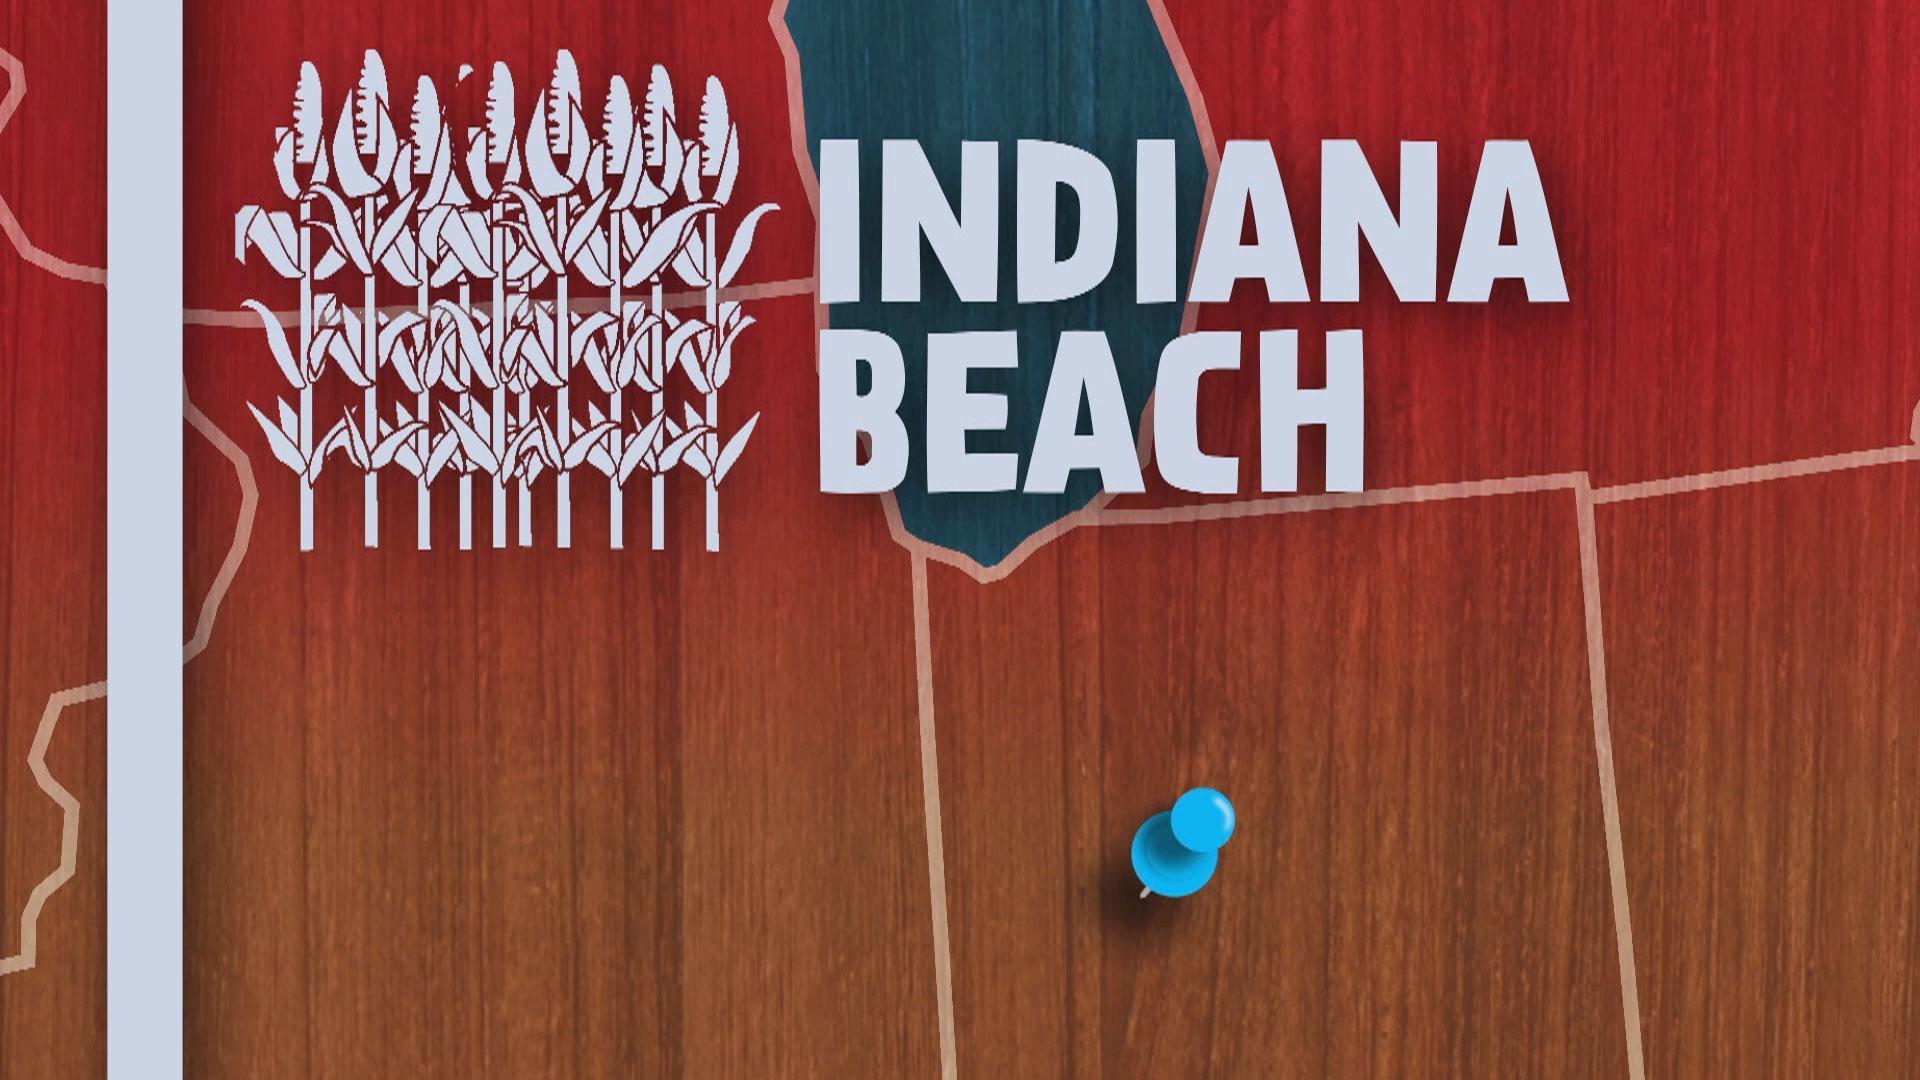 Indiana Beach, Indiana